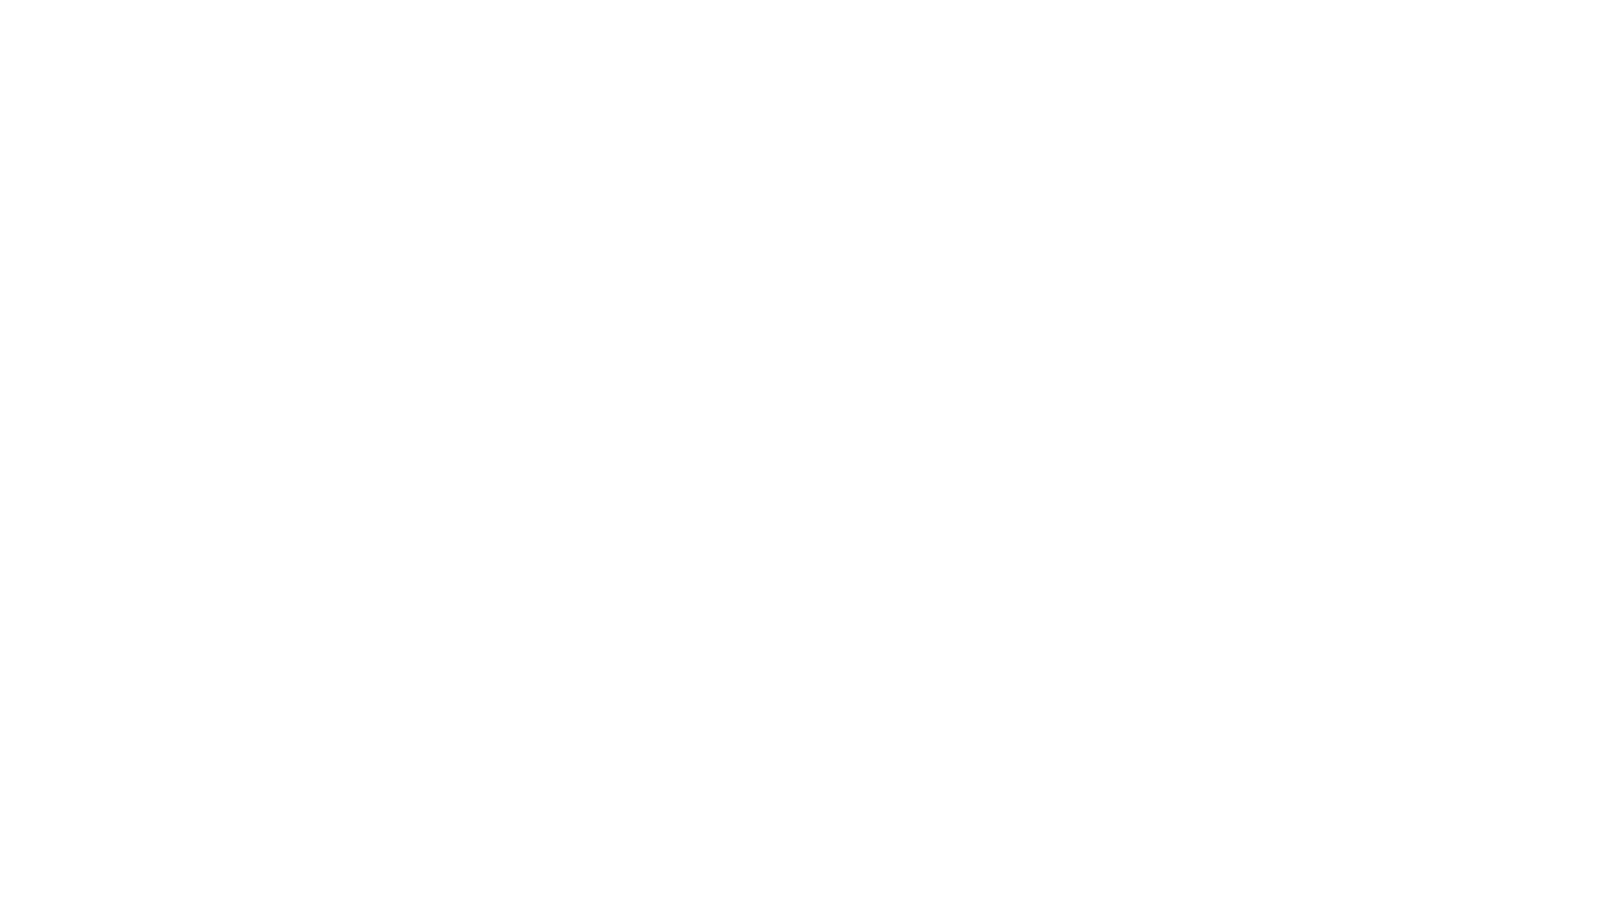 L'Hymer Free S 600 è un van lungo 593 cm che cerca di esaltare ai massimi livelli tutte le principali peculiarità spesso ricercate in un veicolo furgonato. Allestito sulla moderna base meccanica del Mercedes-Benz Sprinter, unisce tradizione e innovazione, oltre ad essere altamente configurabile secondo le proprie esigenze, arrivando ad offrire fino a 5 posti letto per la notte.